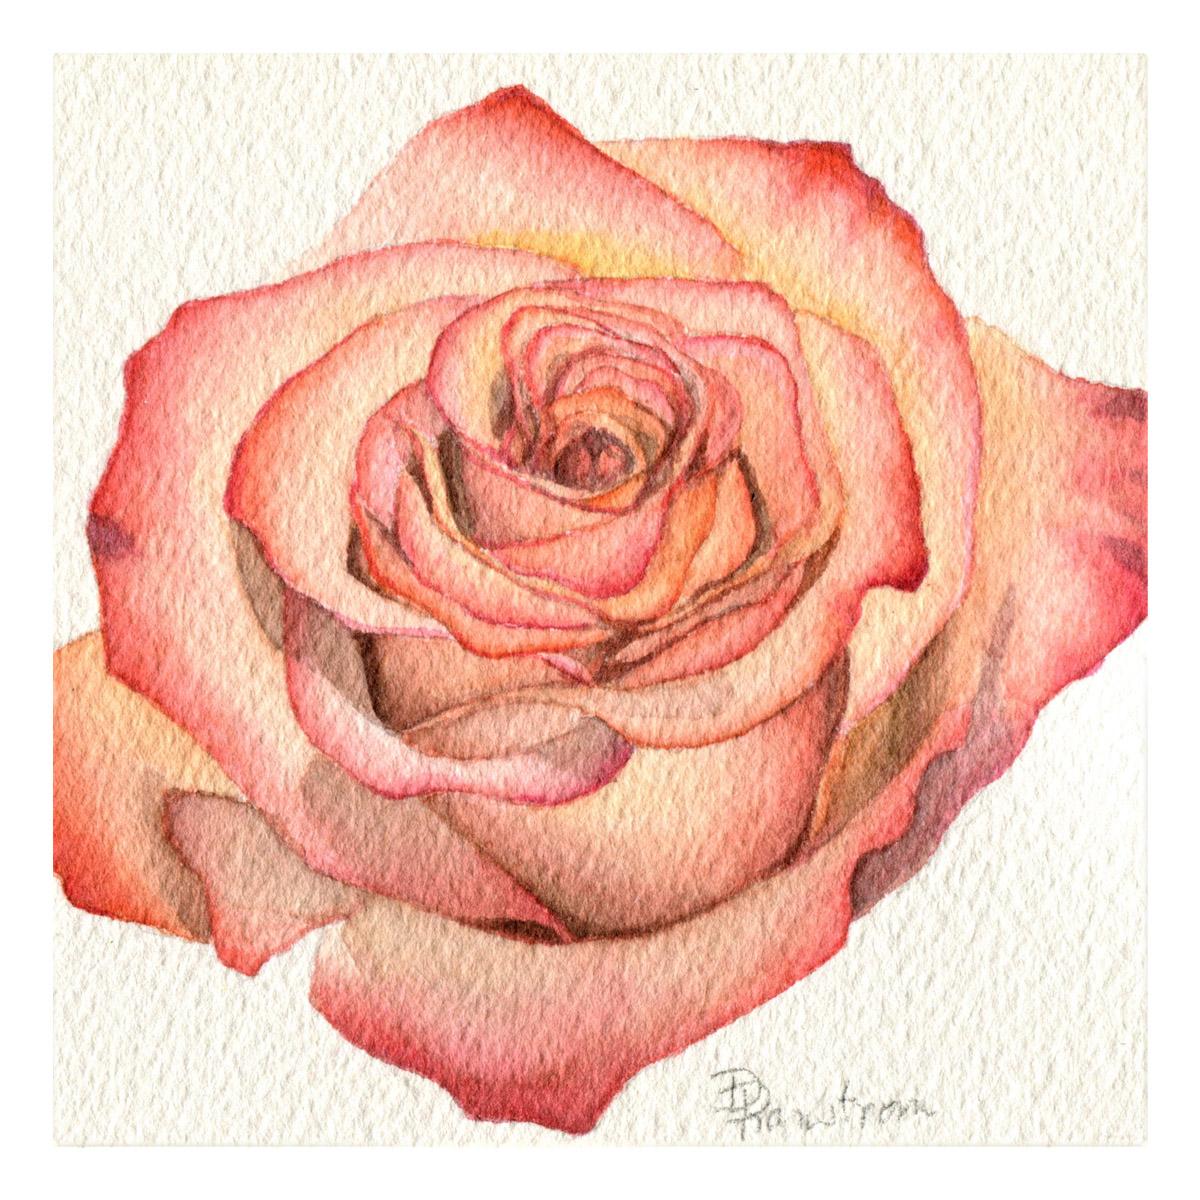 Peach rose watercolor